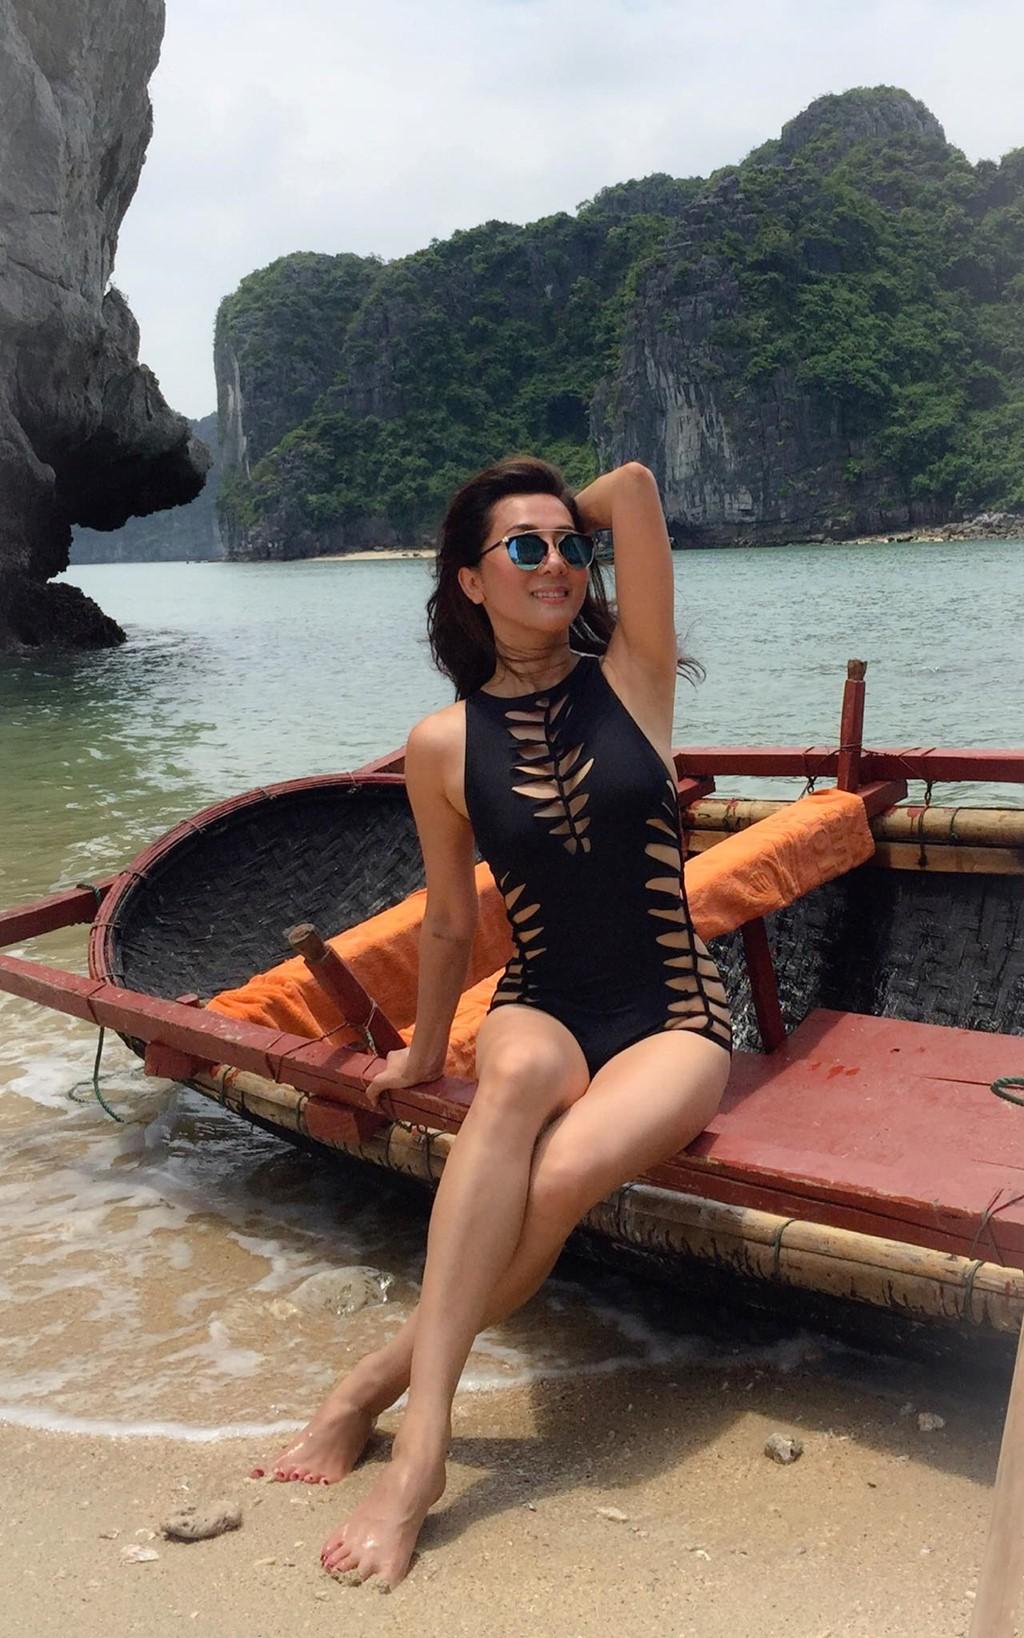 Mỹ nhân Vbiz U40, 50 thả dáng sexy với bikini: Nhìn Hoa hậu Hà Kiều Anh đã sốc, đến MC Kỳ Duyên mới khó tin! - Ảnh 13.